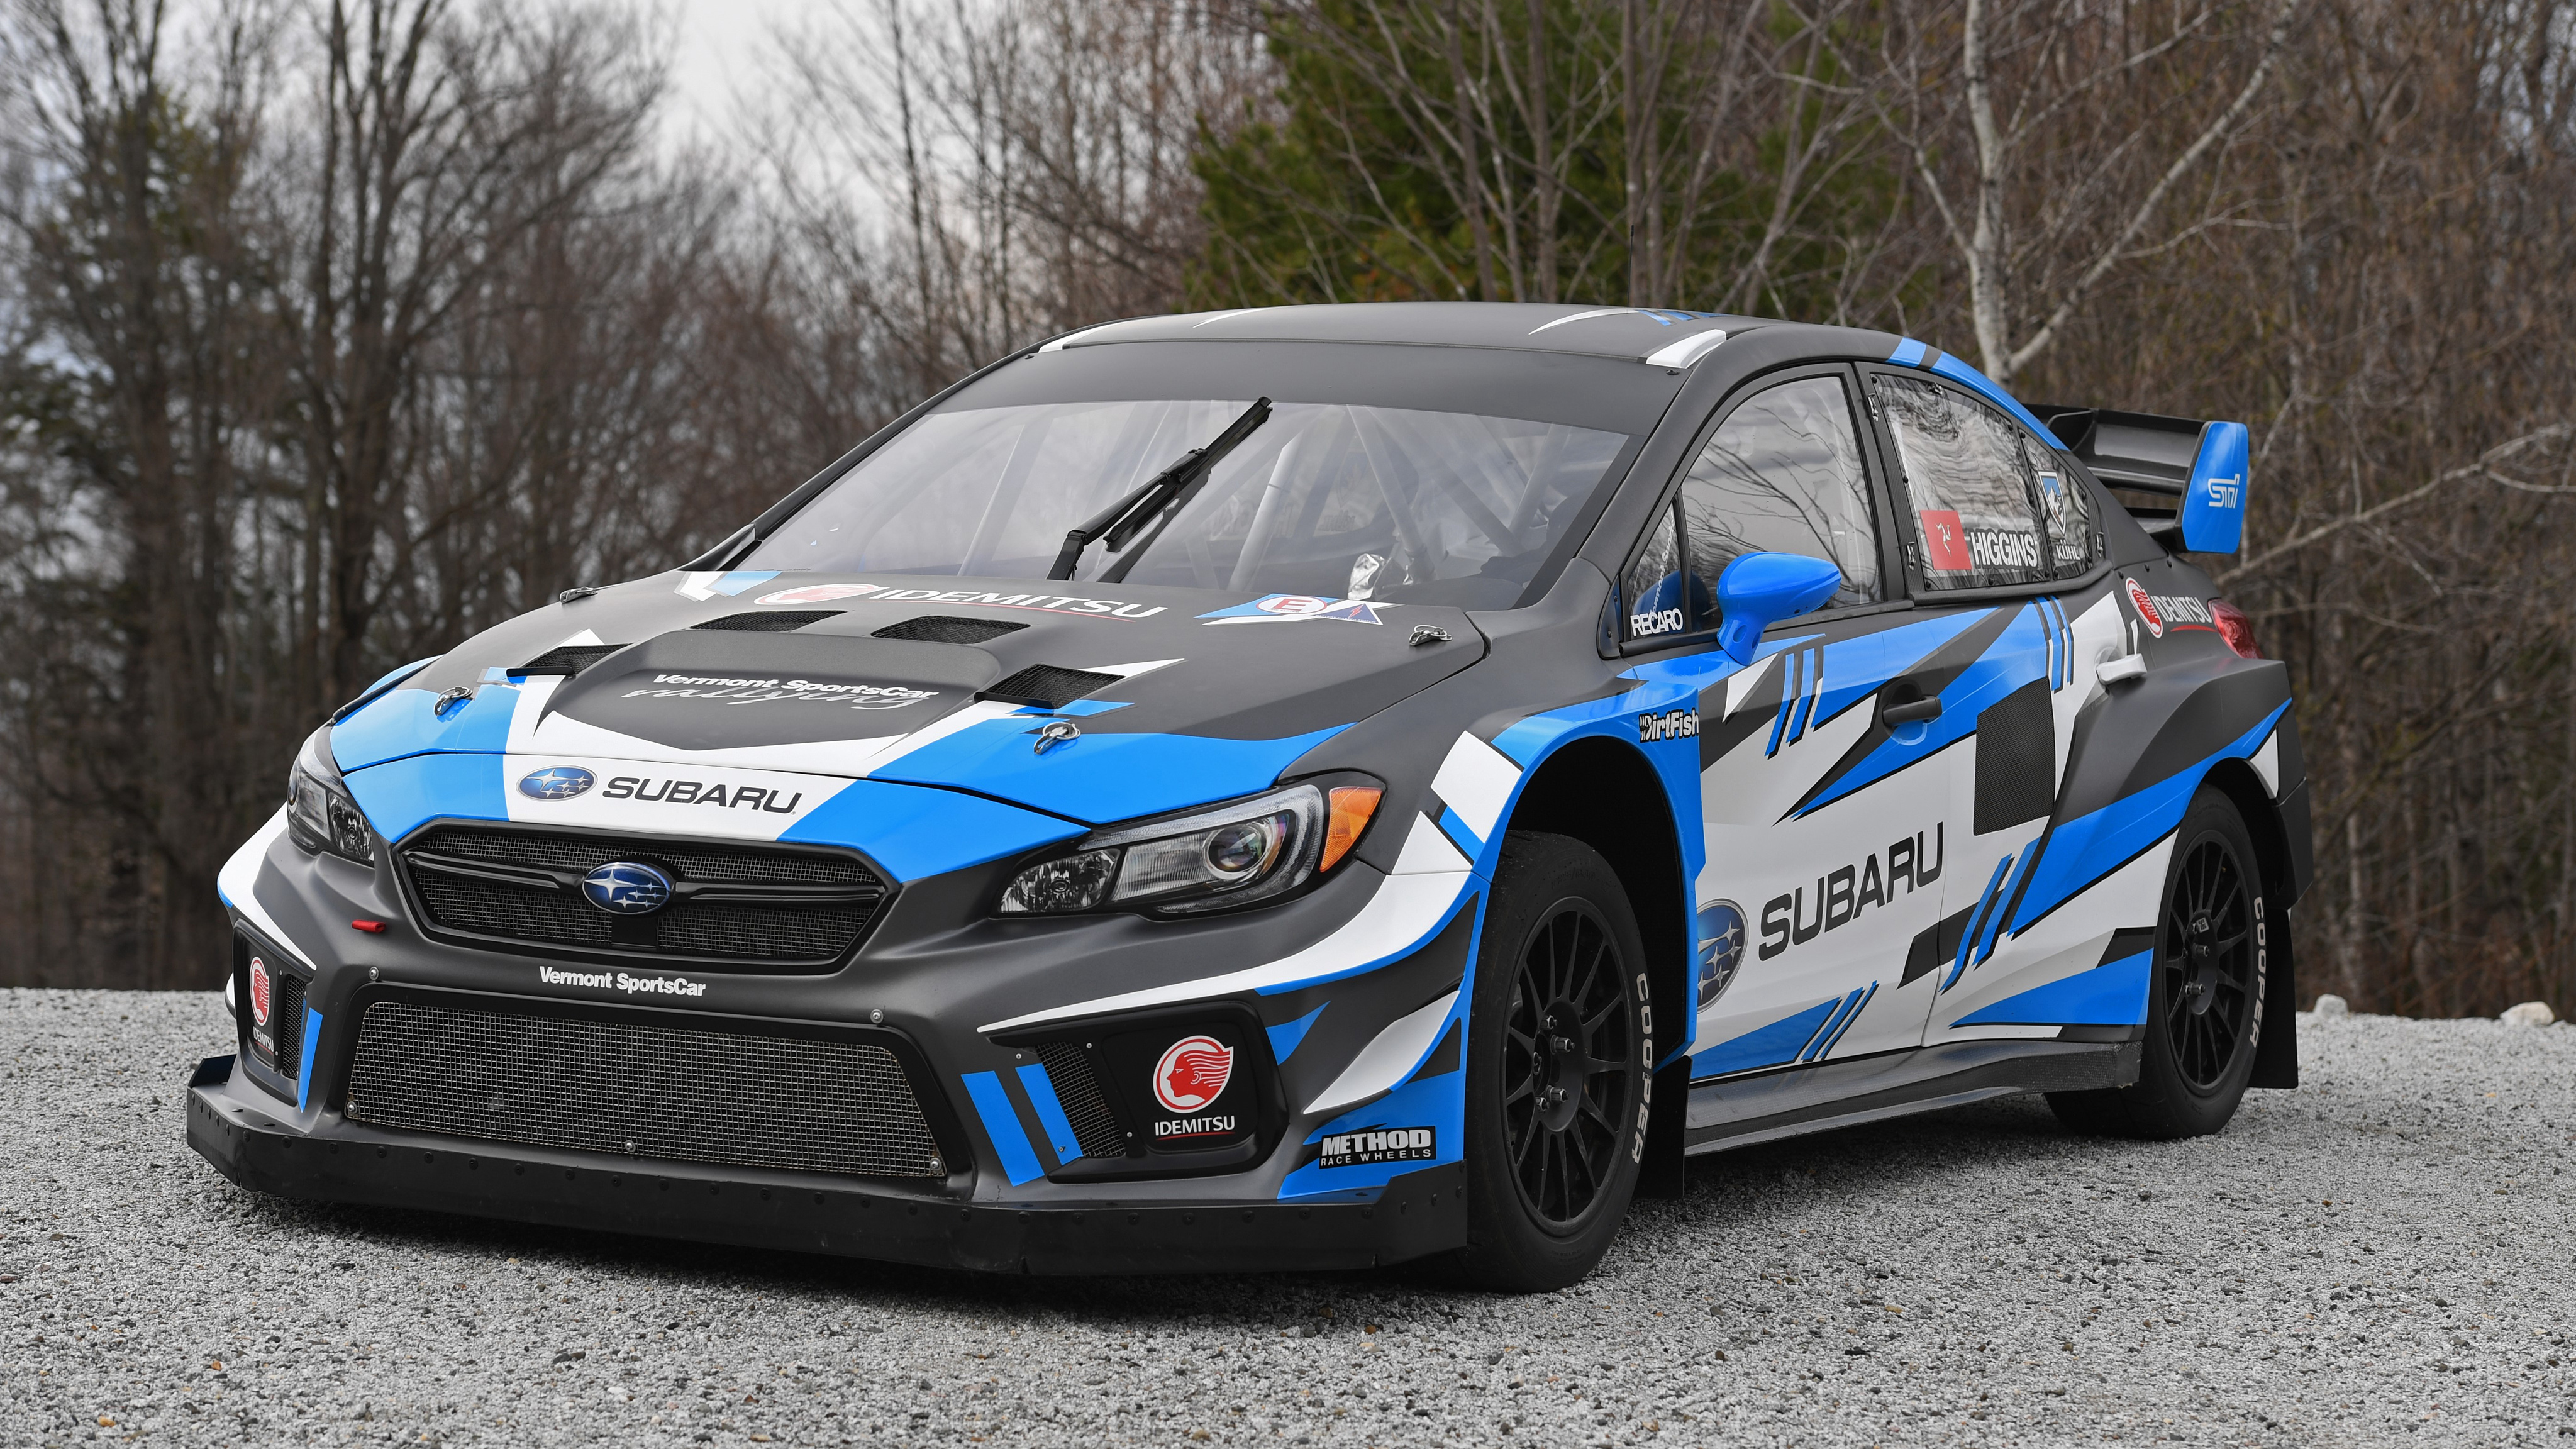 Subaru WRX STI Rallycross 2018 4K